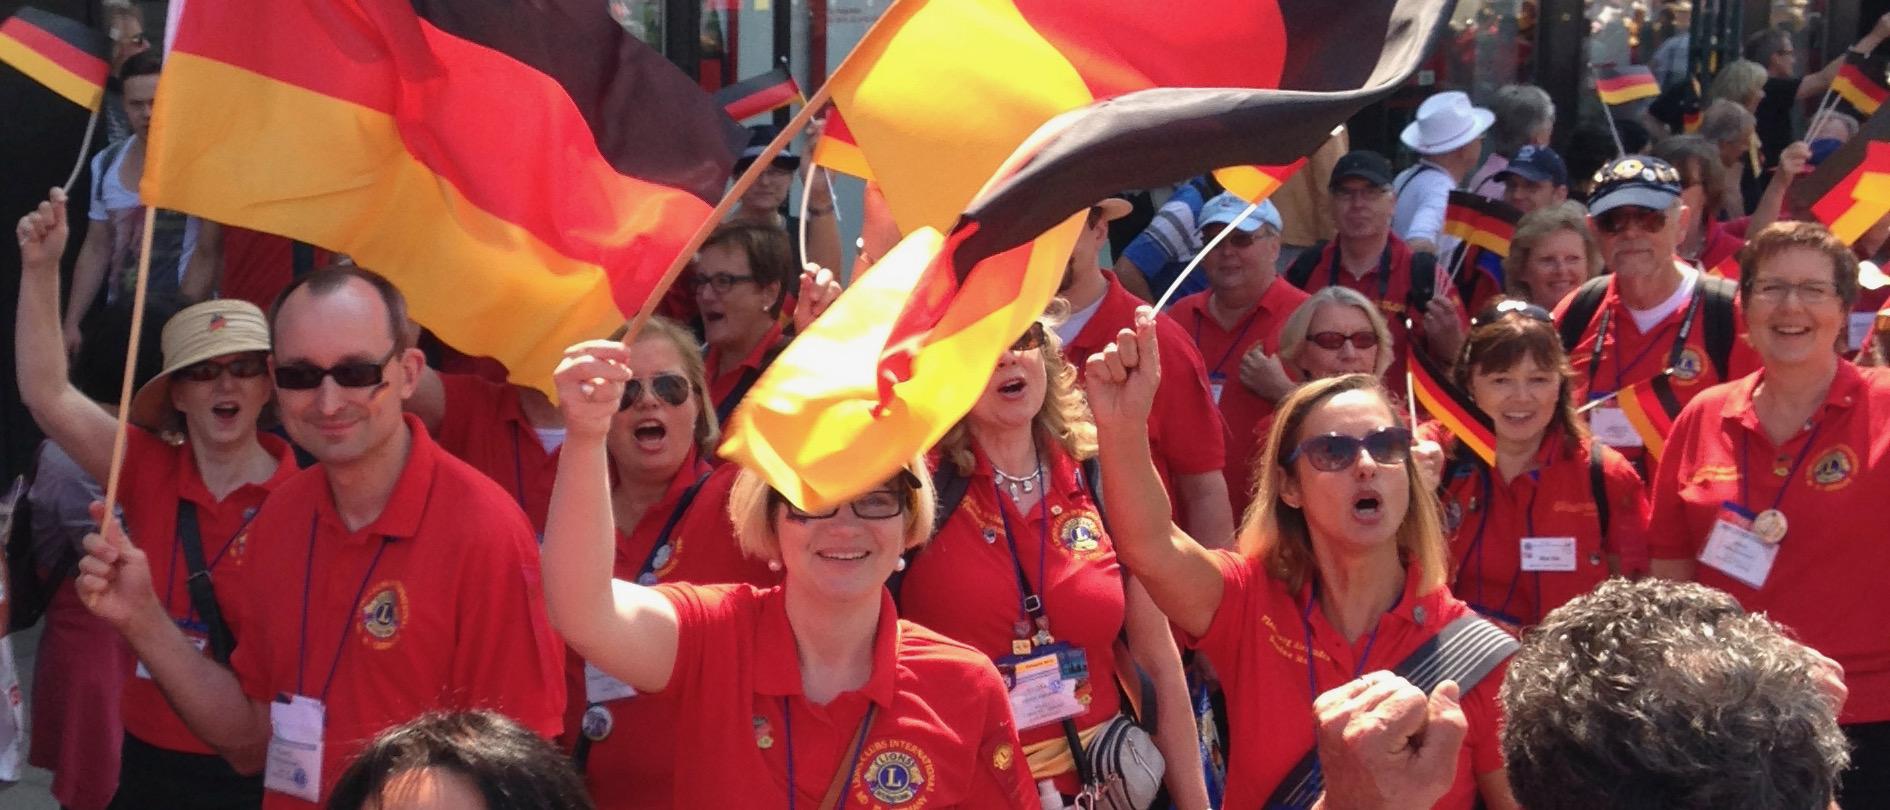 Fahnen schwenkende Lionsmitglieder bei der Internationalen Parade einer Lions-Convention.